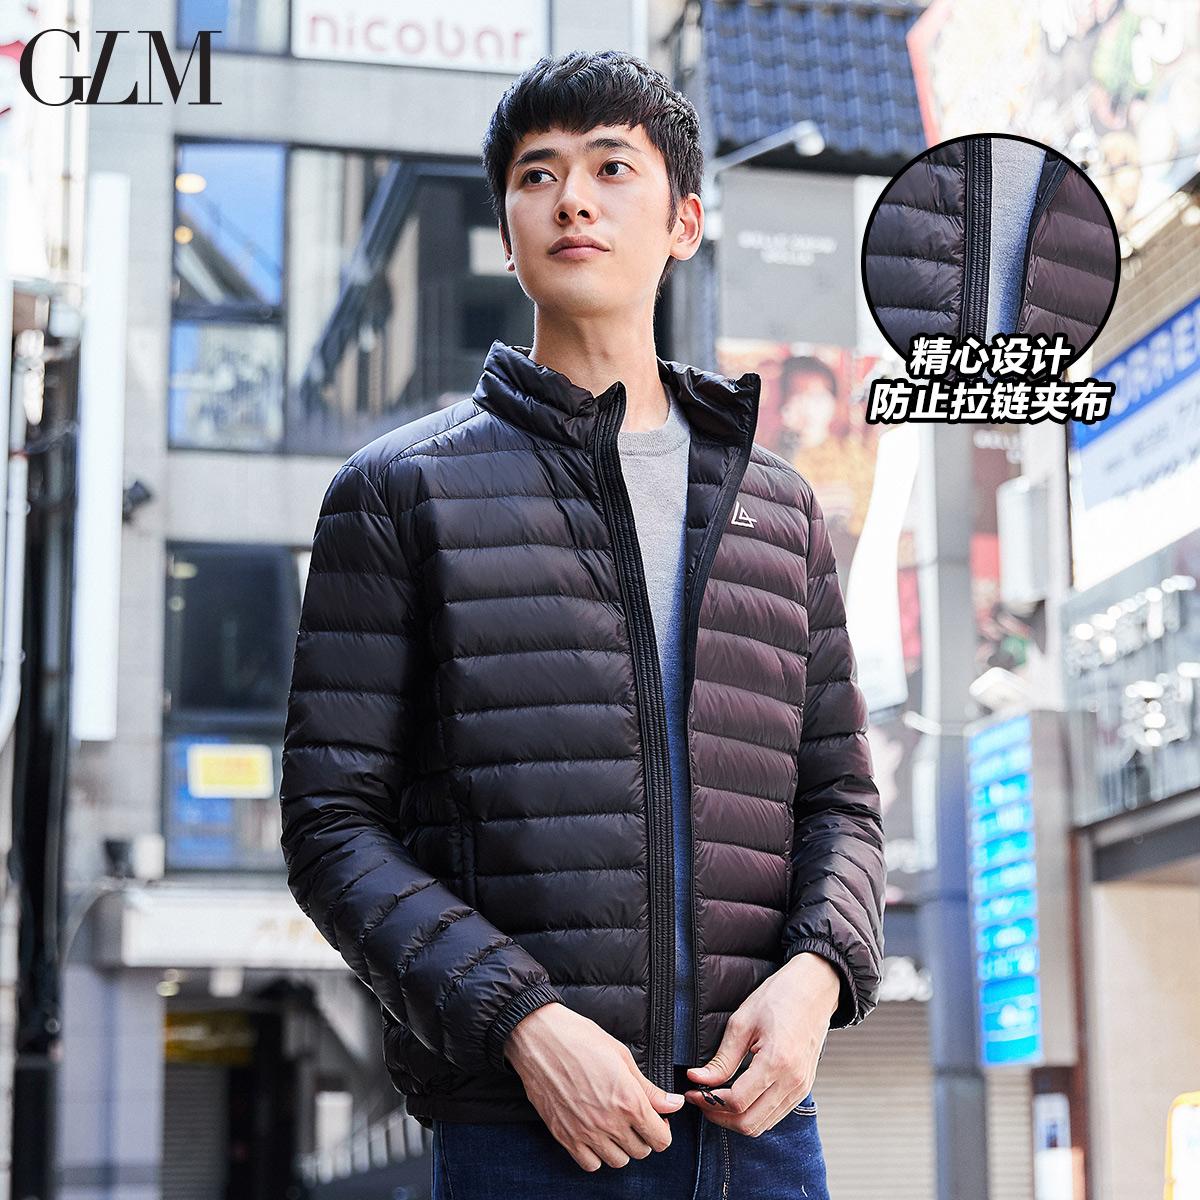 glm轻薄羽绒服2018冬季新款男士轻薄短款外套防钻绒立领保暖上衣